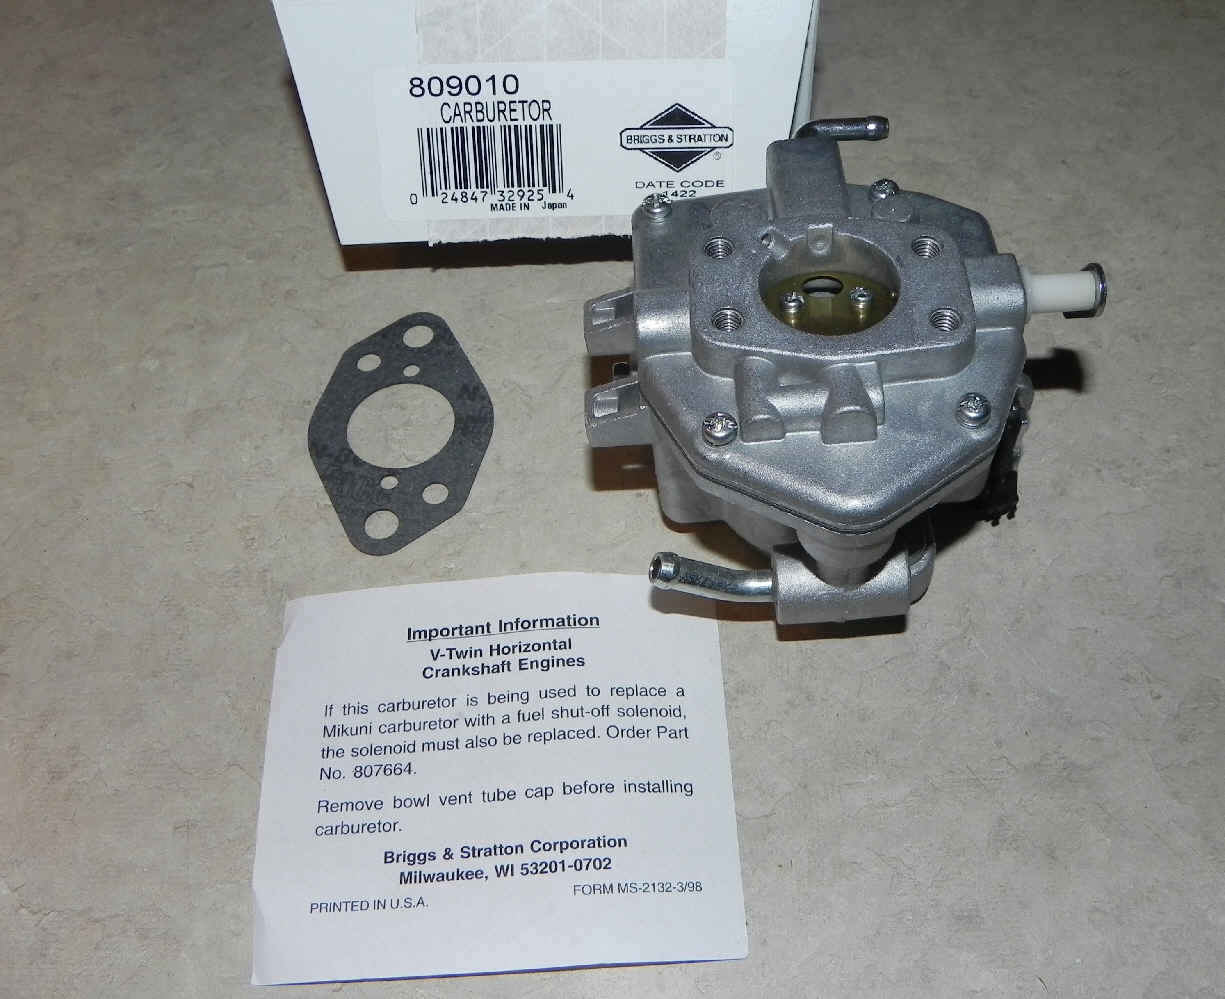 Briggs Stratton Carburetor Part No. 809010